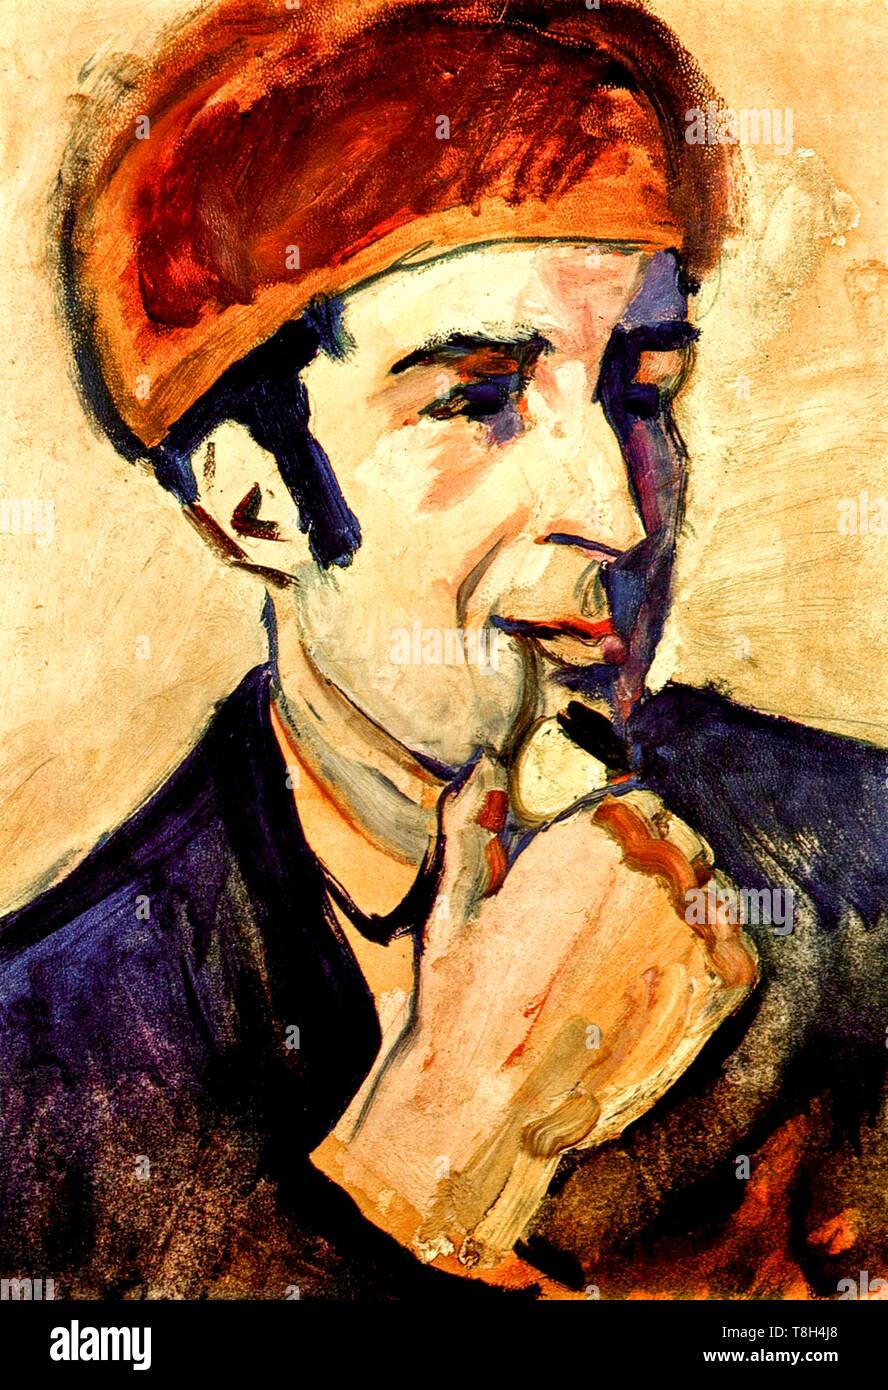 August Macke, ritratto di Franz Marc (1880-1916), pittura, 1910 Immagini Stock